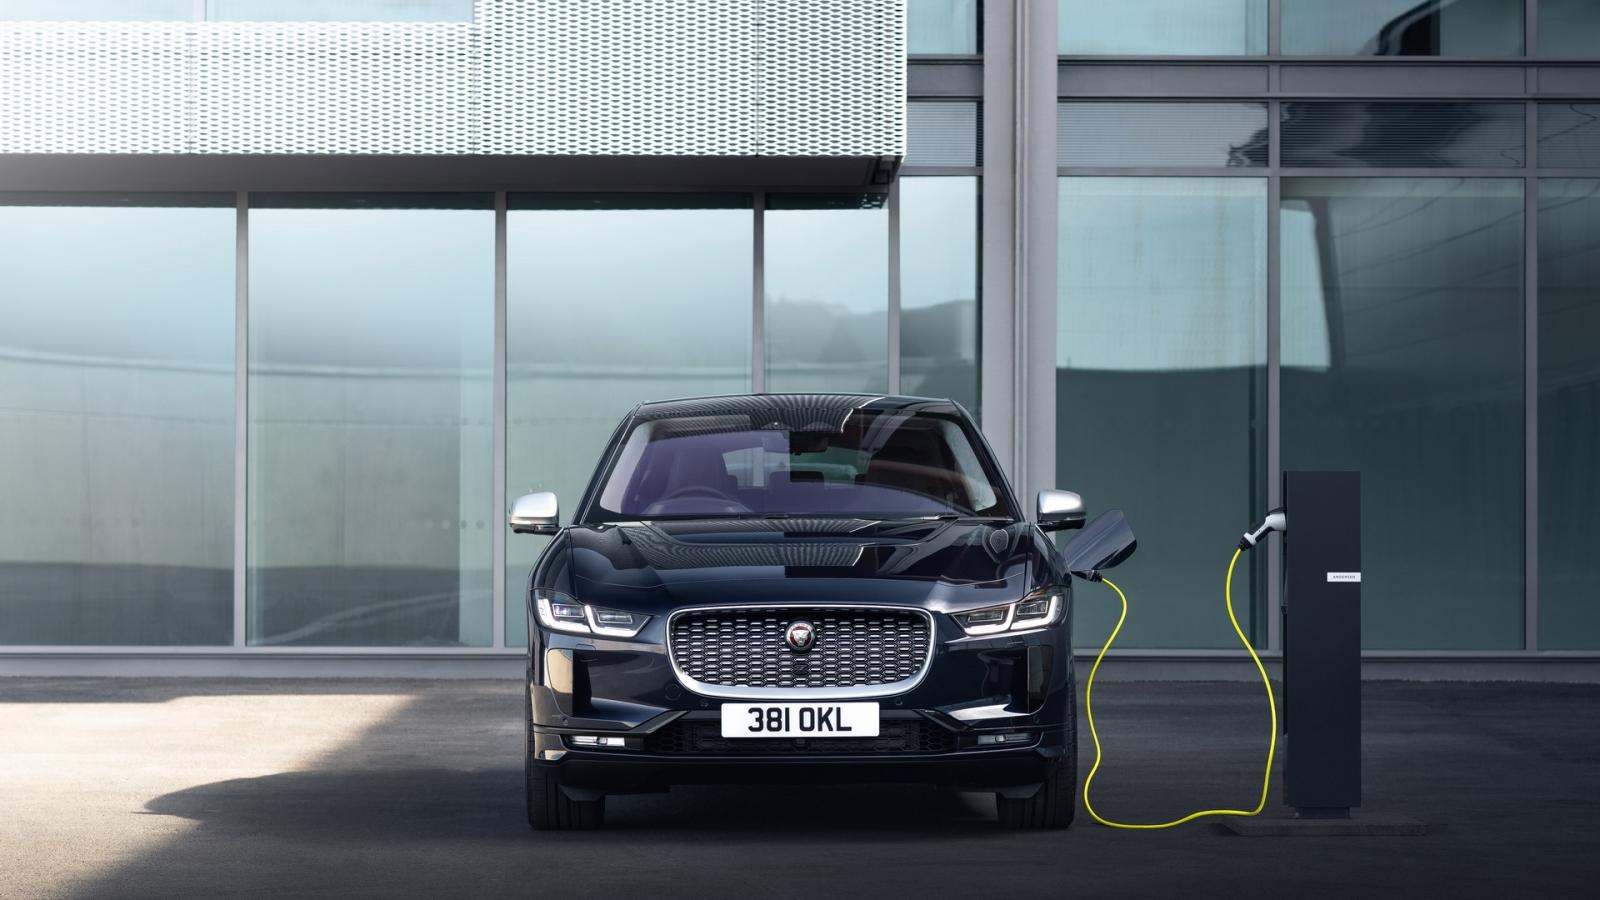 Xe điện Jaguar I-Pace sẽ cập bến Ấn Độ vào Quý I/2021